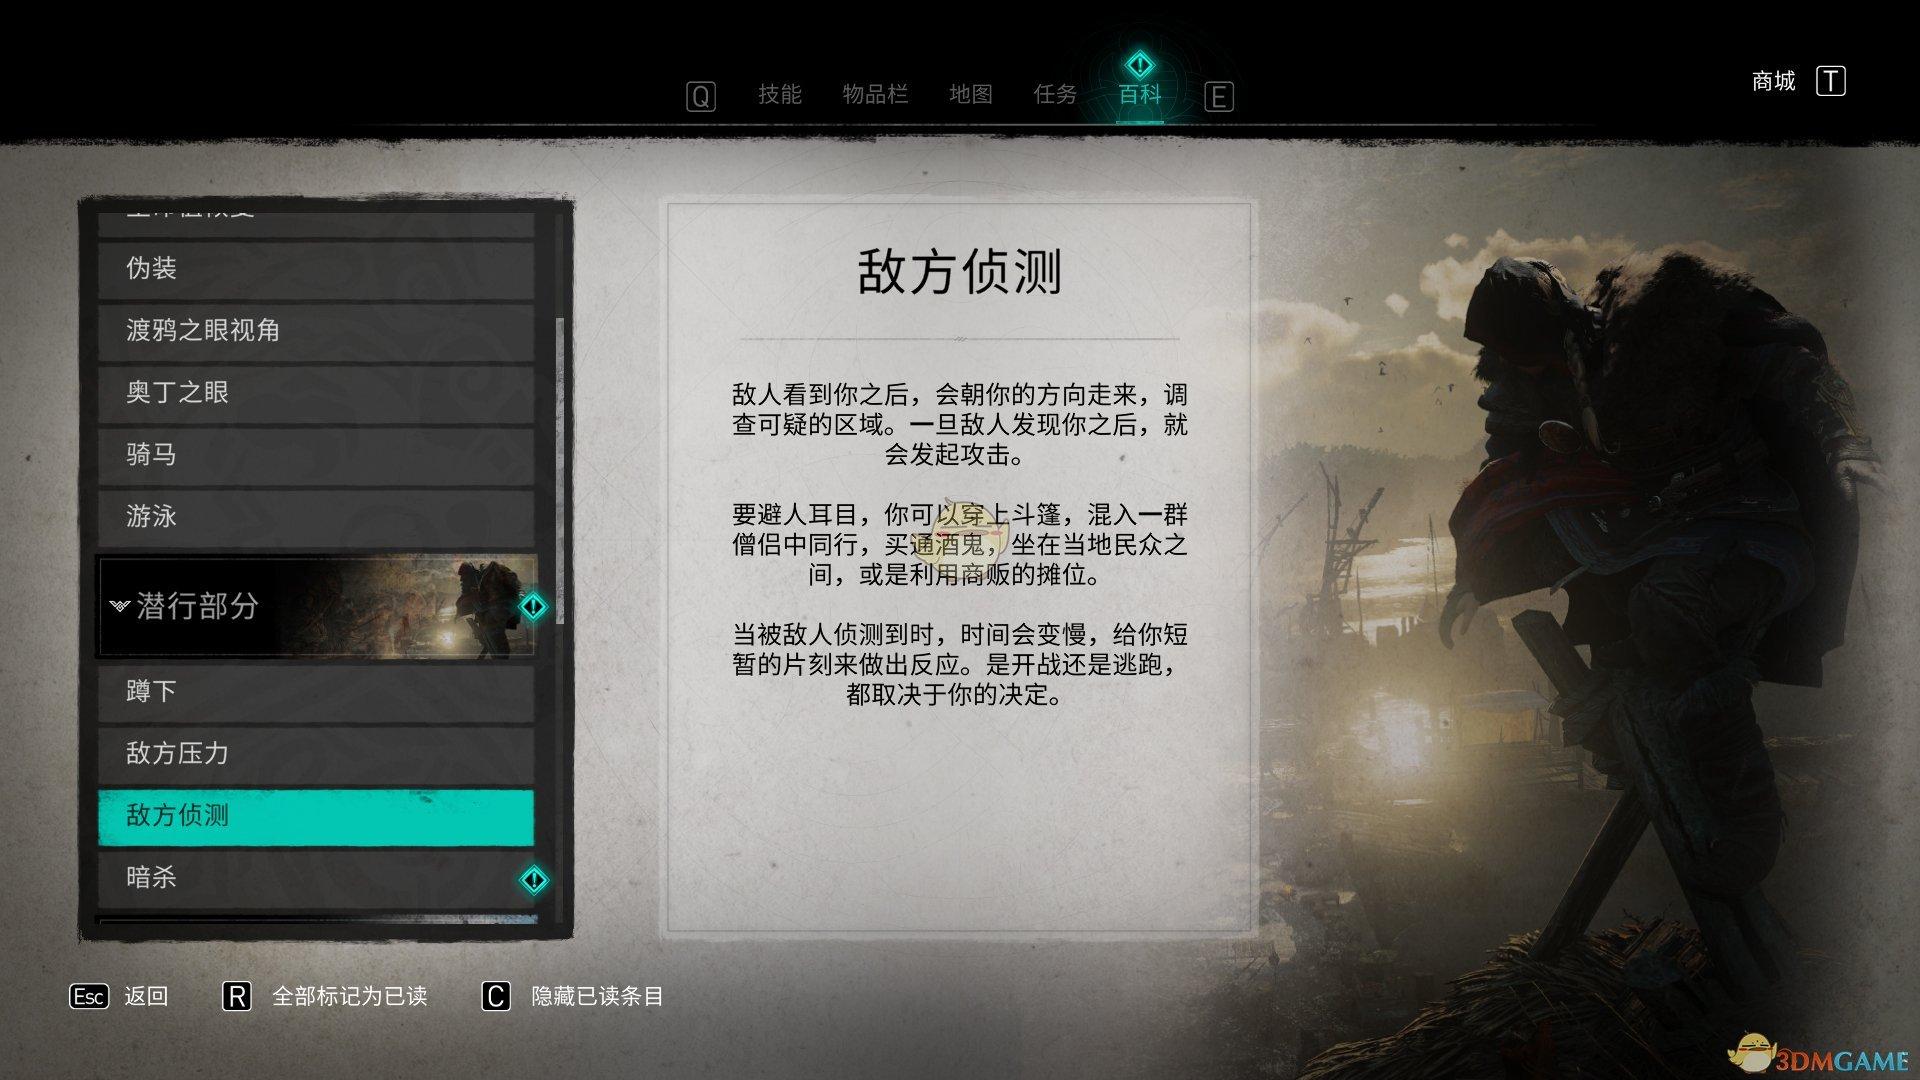 《刺客信条:英灵殿》敌方侦测系统介绍